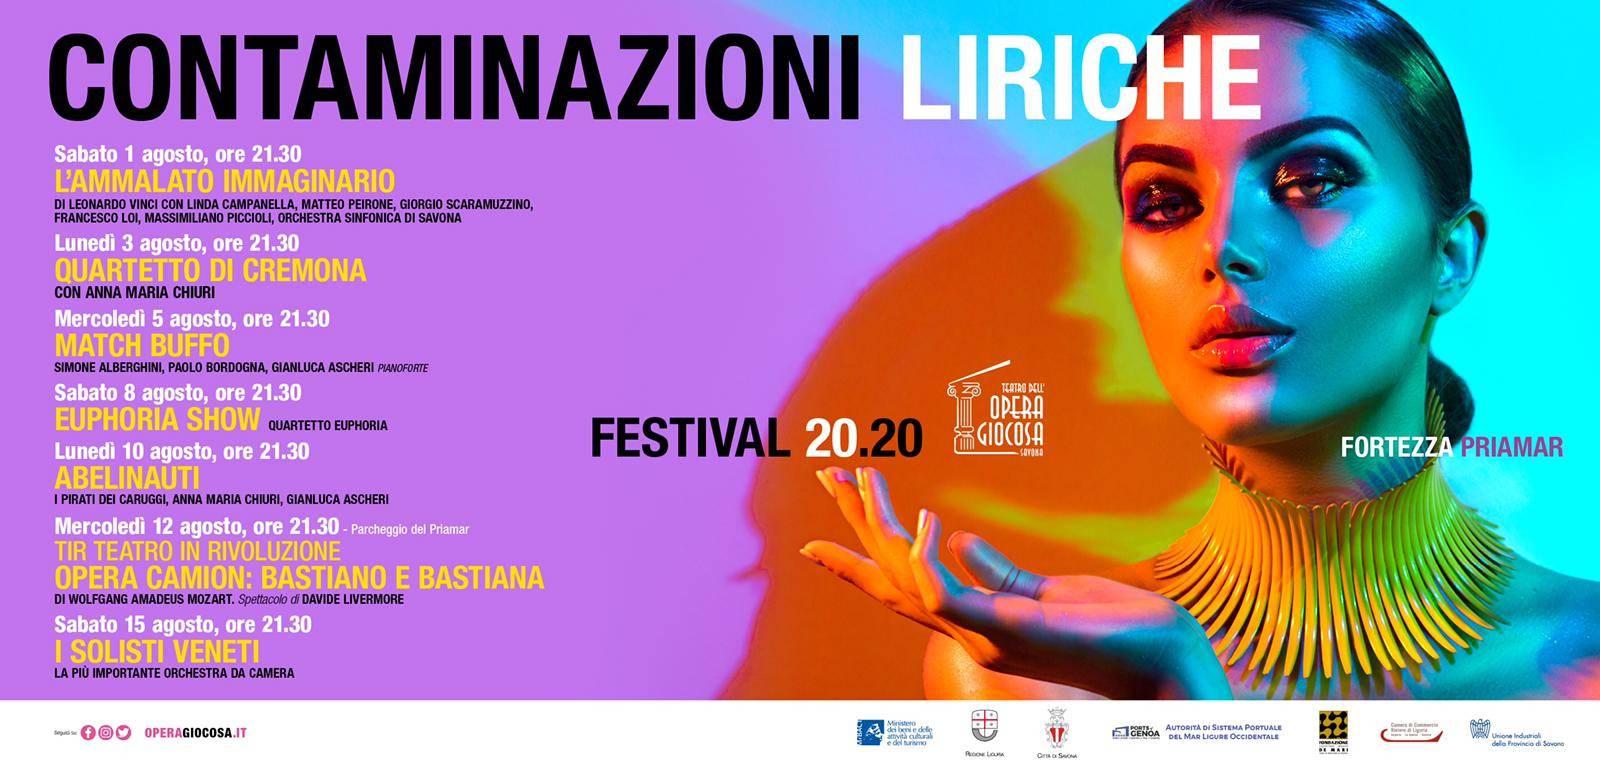 Savona Contaminazioni Liriche Festival 2020 Priamar